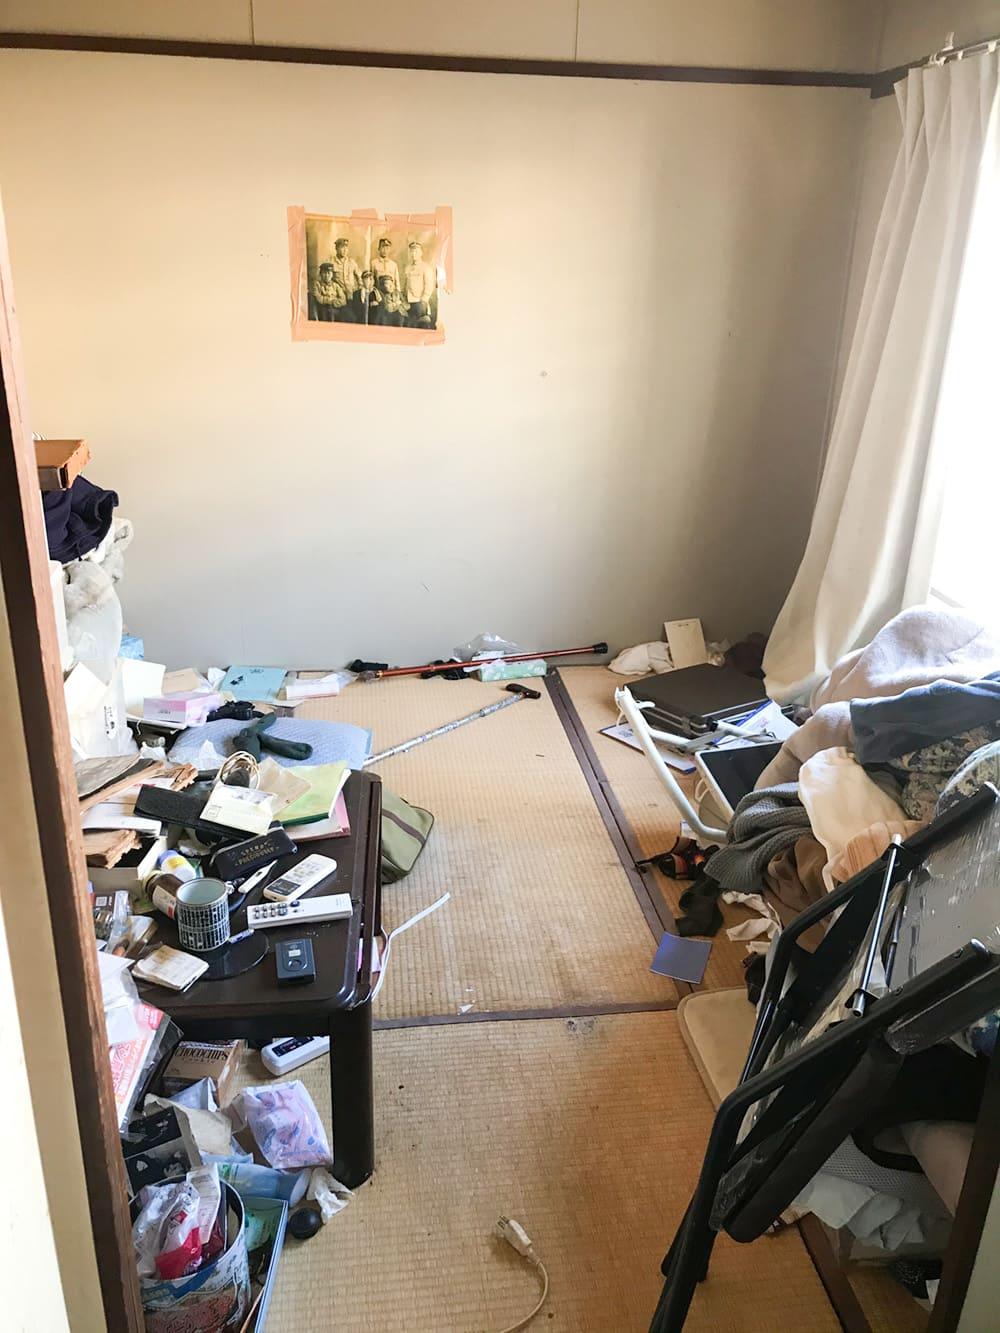 遺品整理を行う前の部屋の様子